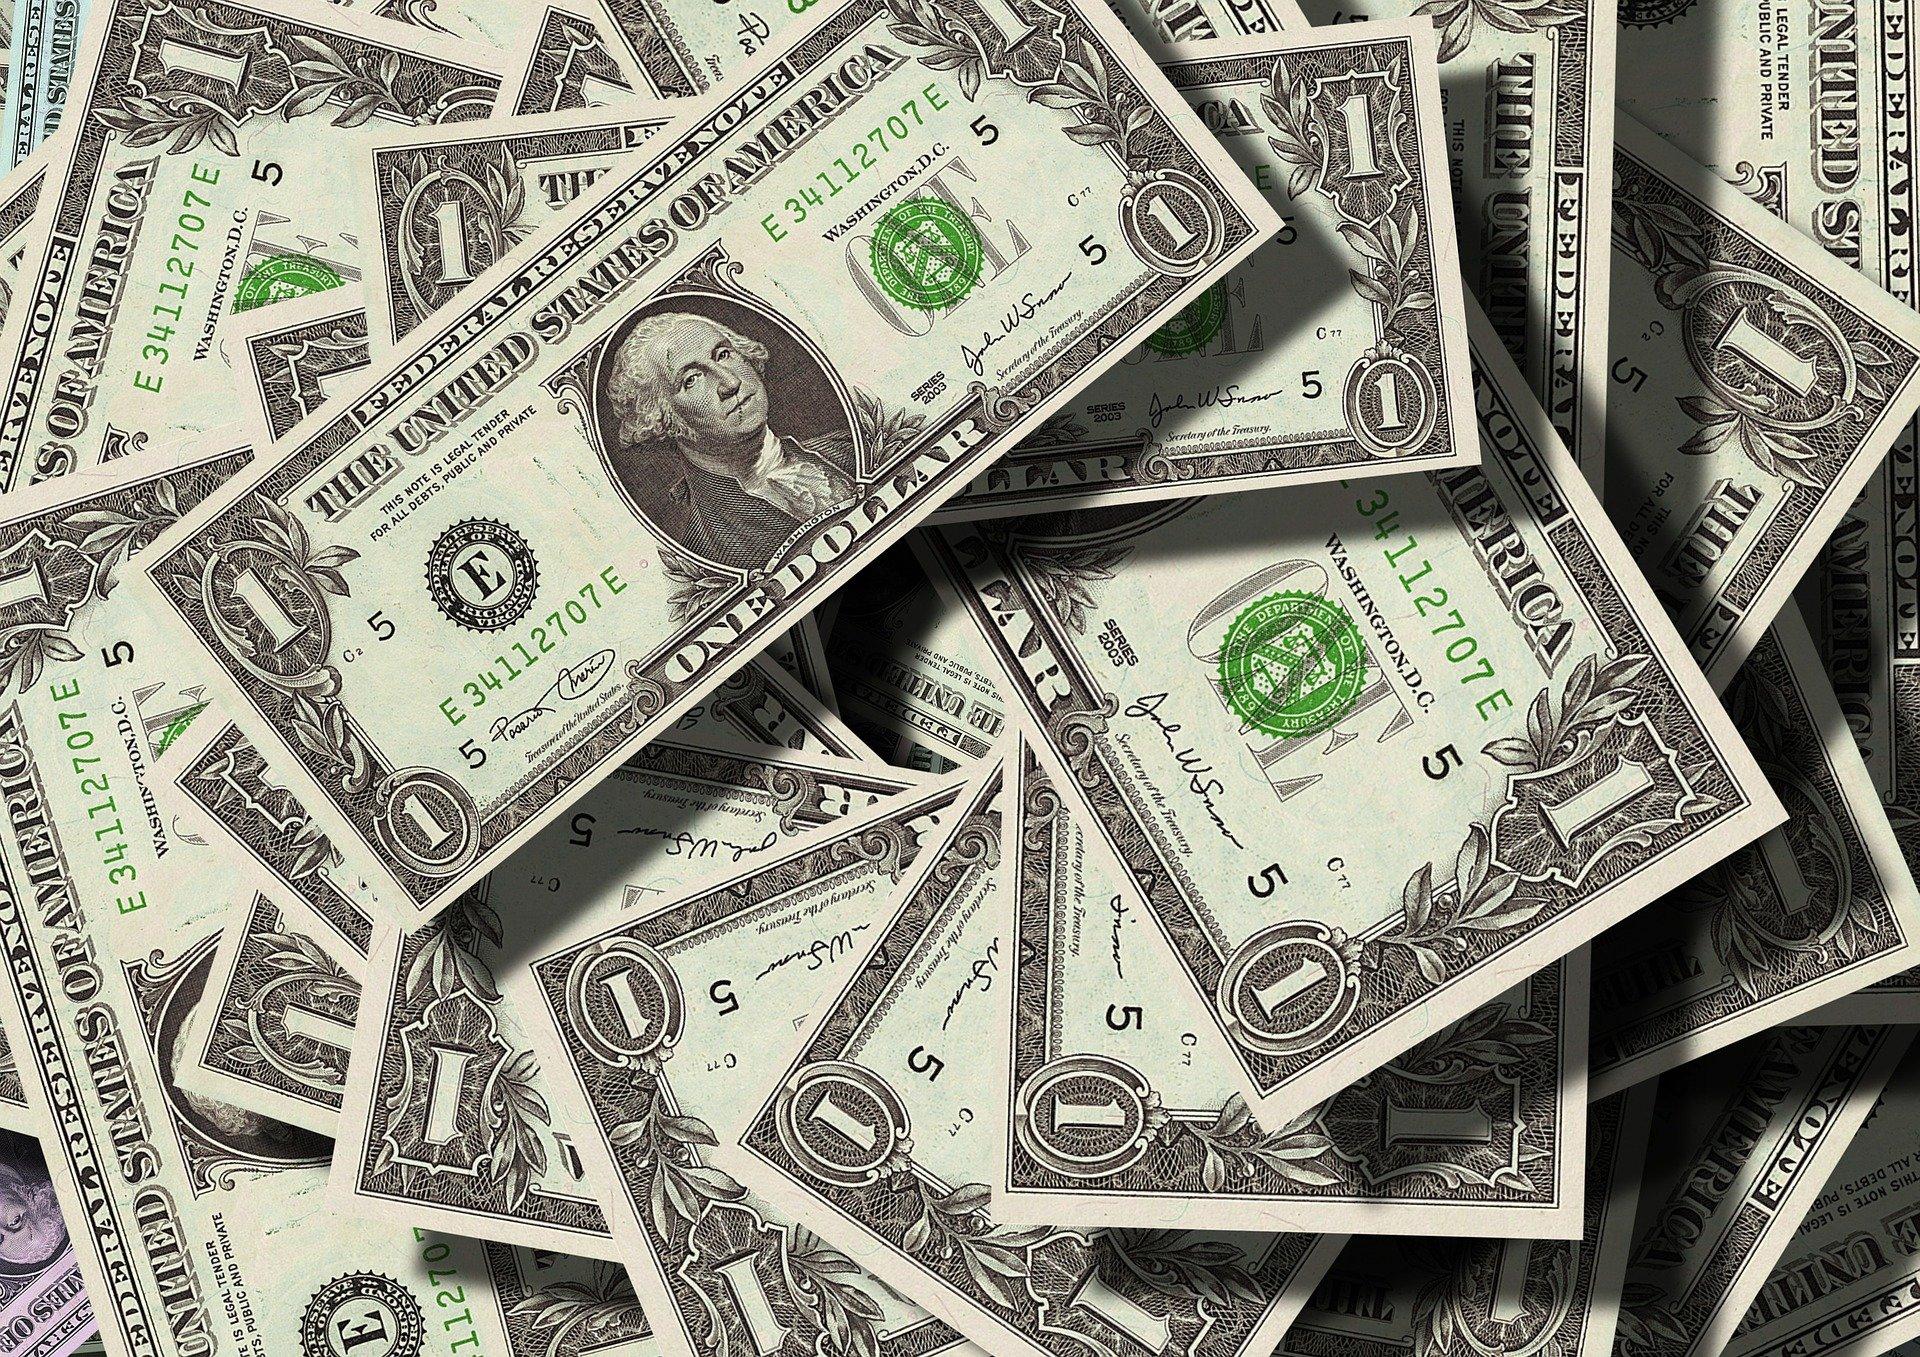 Världens 5 rikaste personer